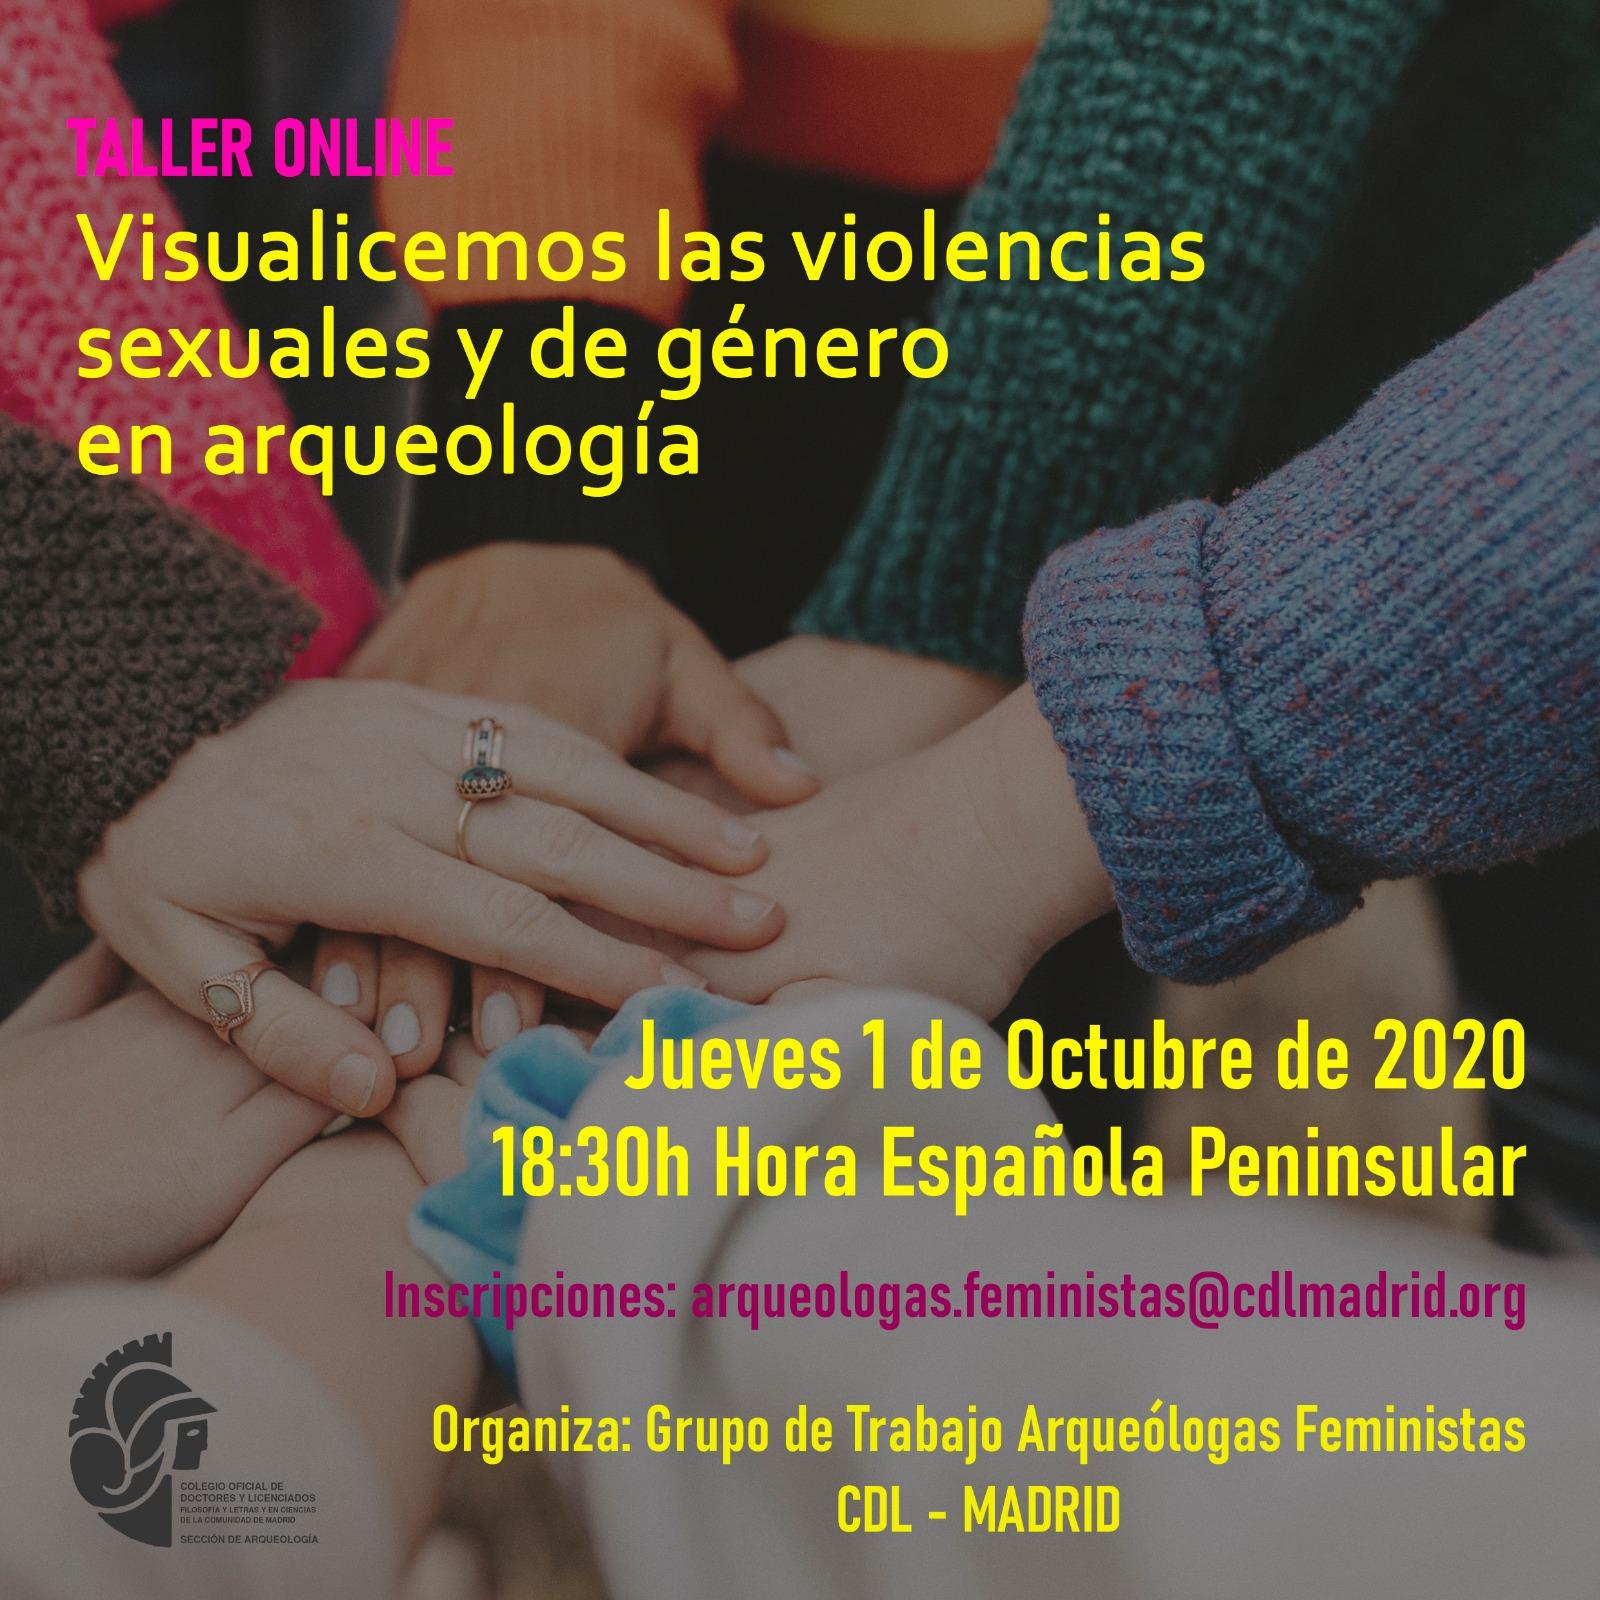 Taller online: Visualicemos las violencias sexuales y de género en arqueología